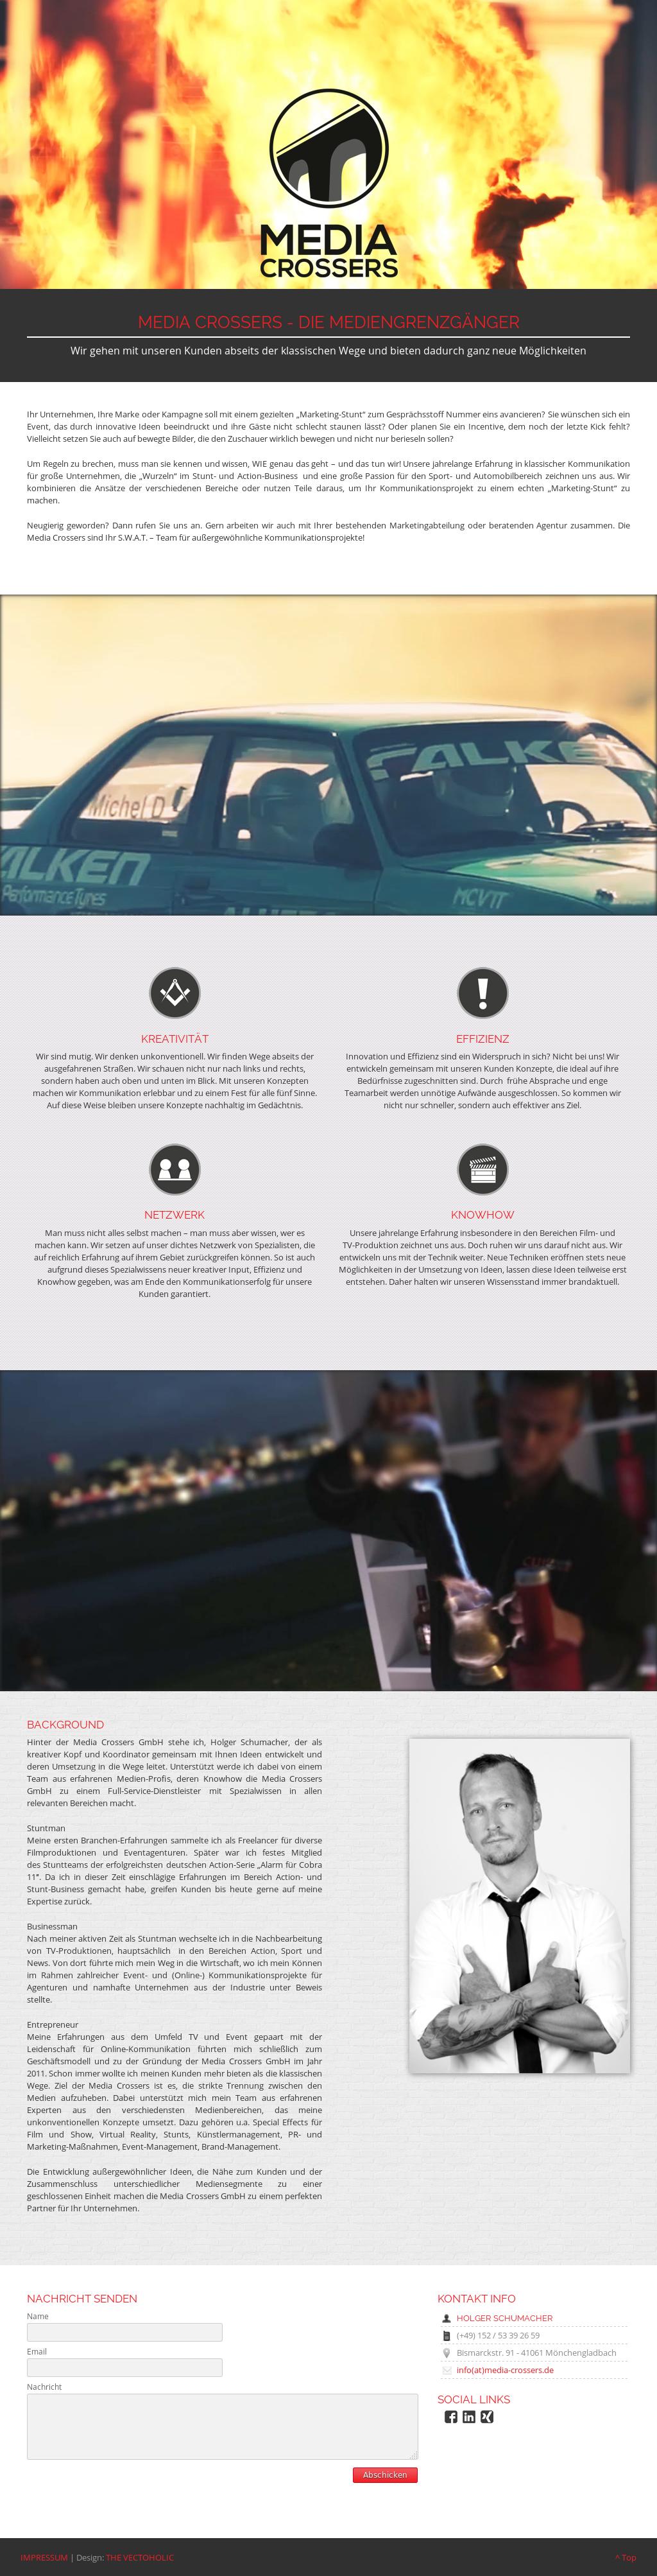 Beste Setzen Sie Ihr Bild In Einem Rahmen Fotos - Benutzerdefinierte ...